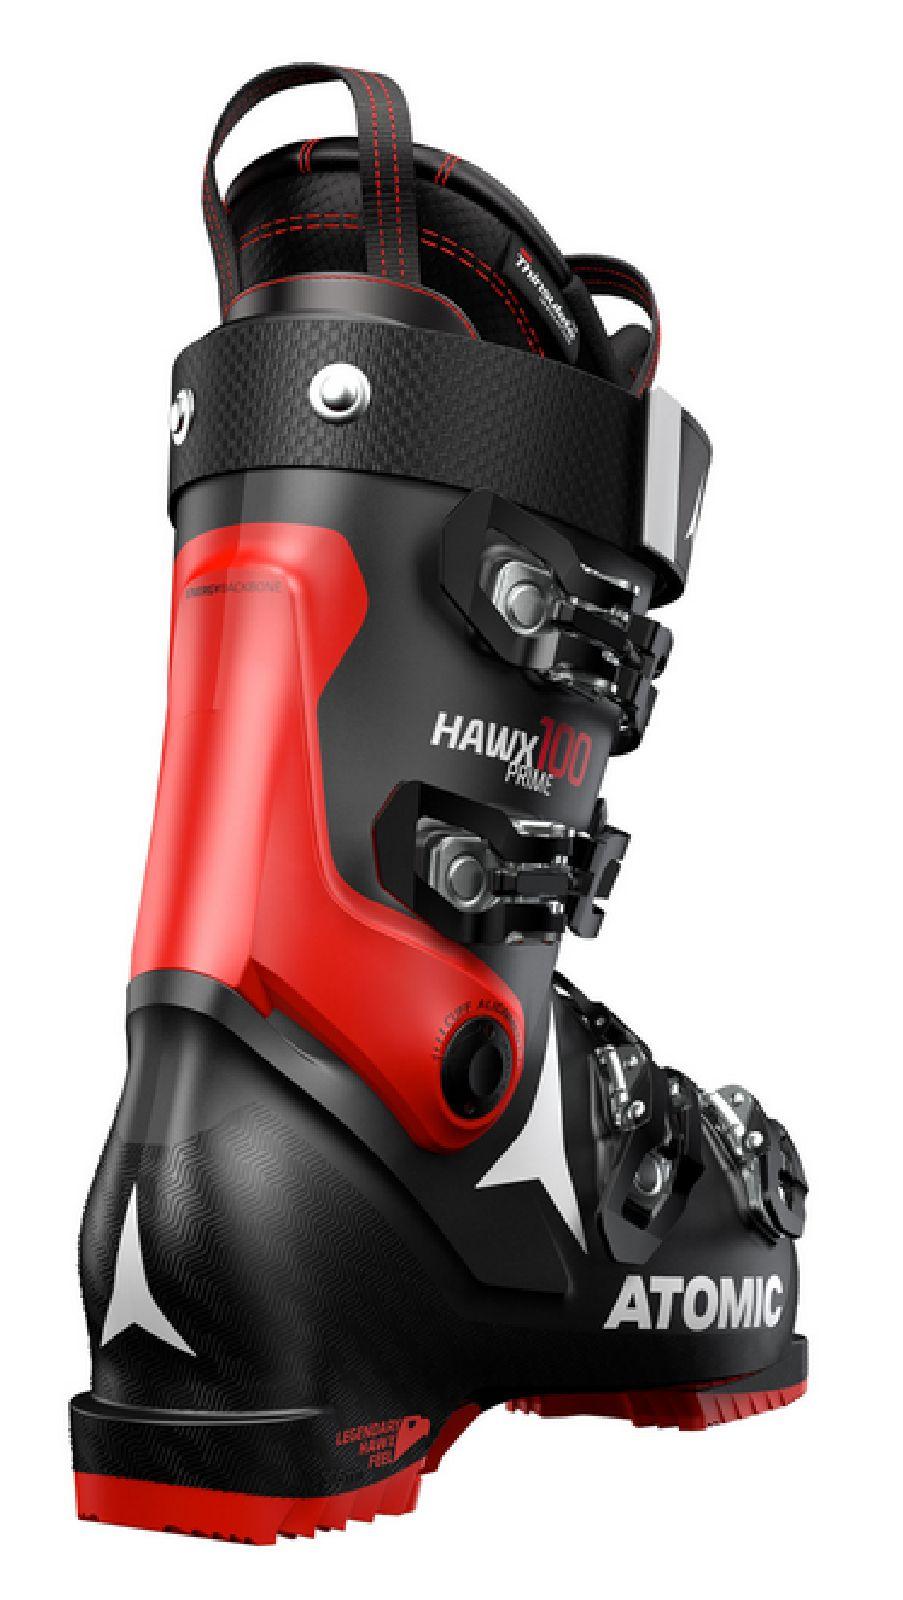 ATOMIC Herren Skischuhe HAWX Prime 100X